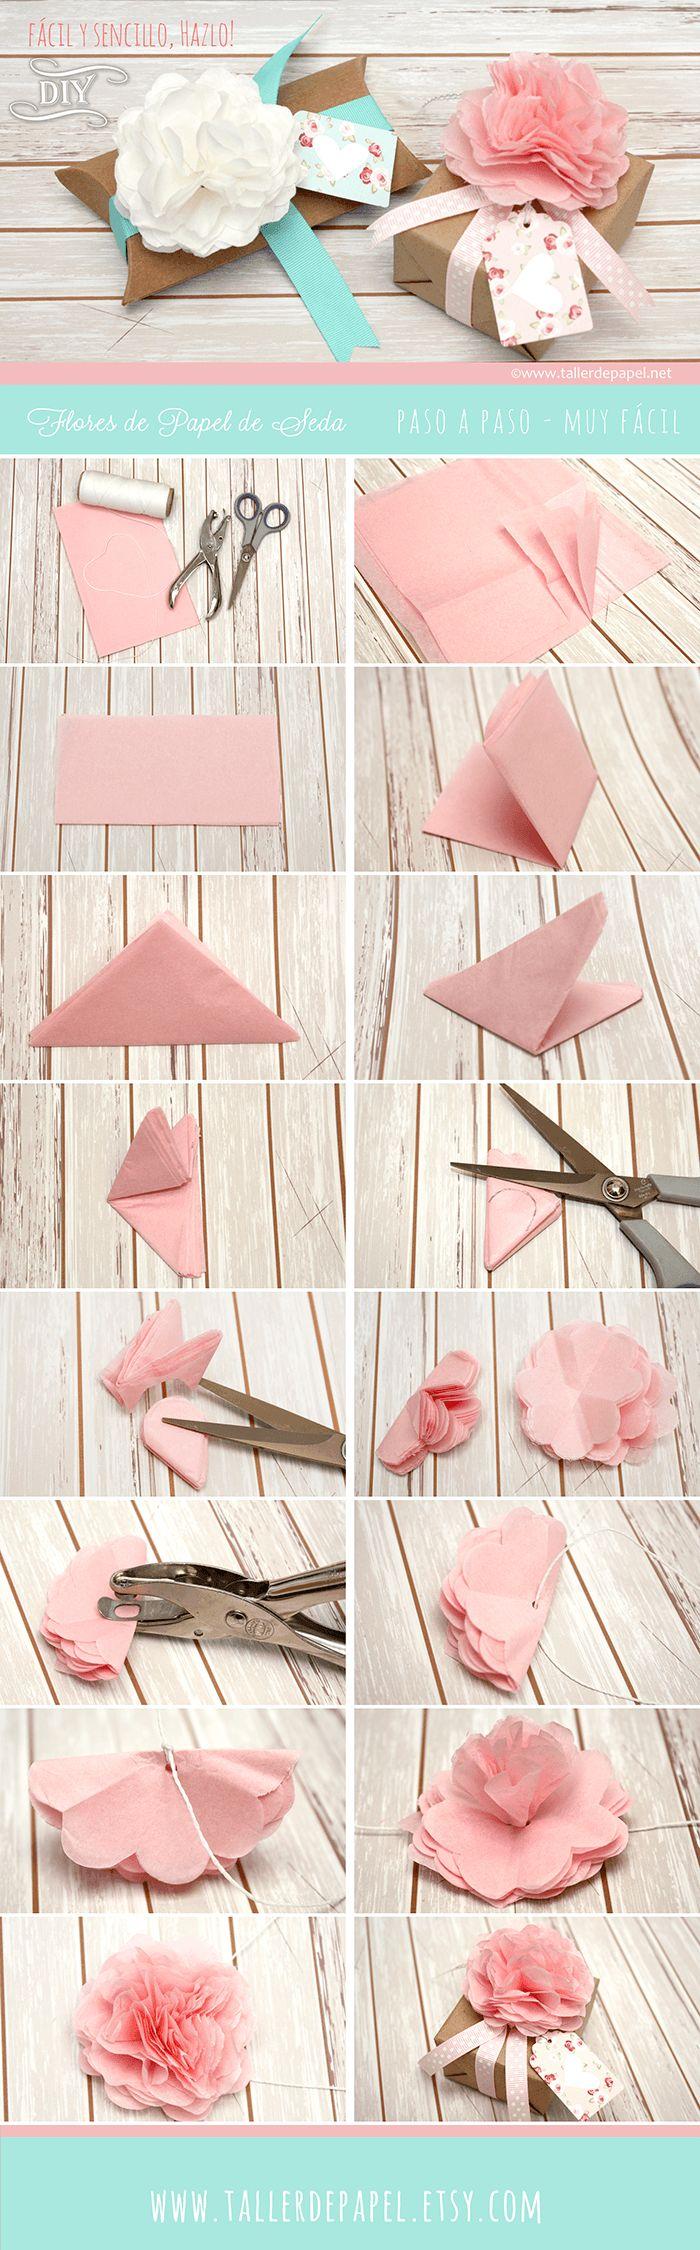 DIY Tutorial fácil y sencillo, hazlo! Flores de papel para decorar un lindo regalo para mamá. Estas lindas y delicadas flores son realmente muy hermosas y verás que el paso a paso es muy sencillo!